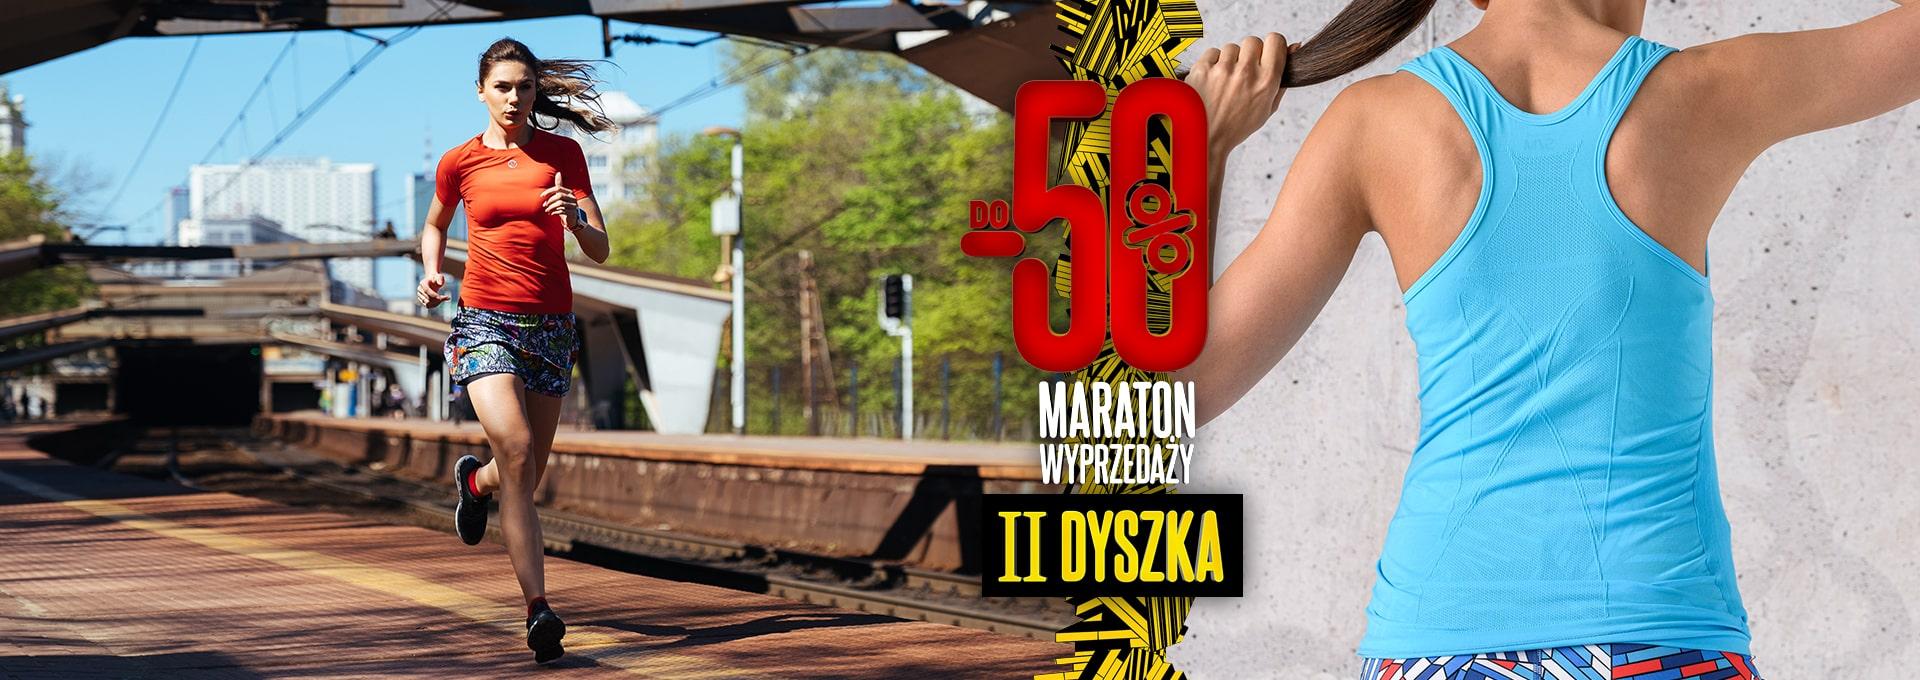 Maraton wyprzedaży spodniczki